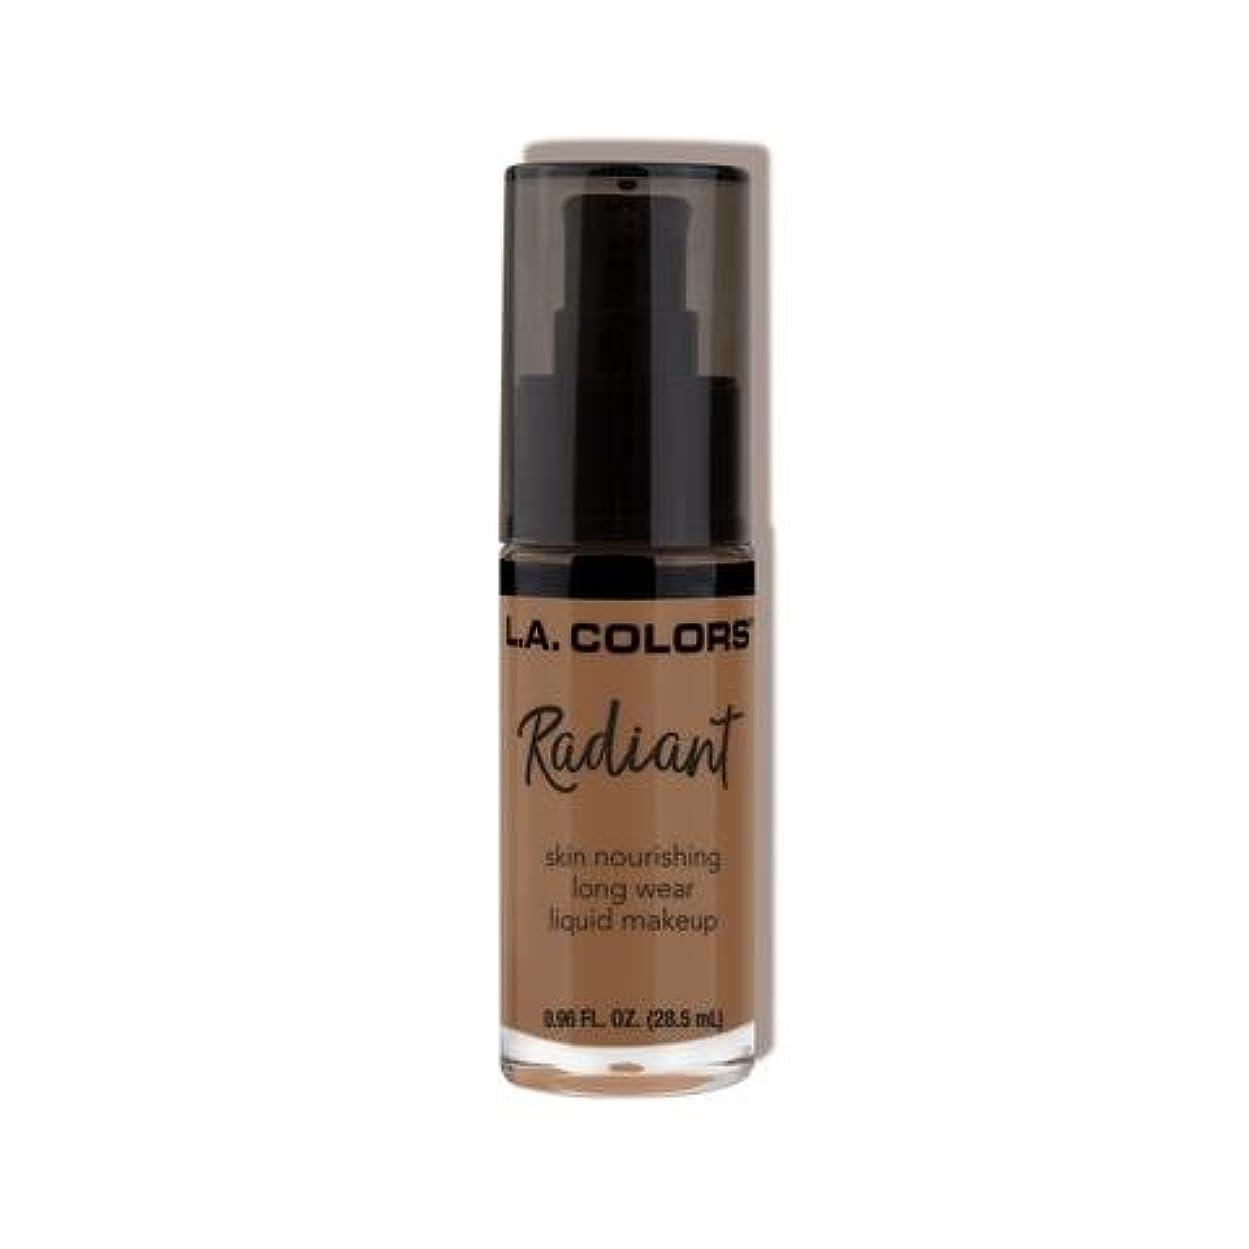 オーバードローオリエンタル細分化する(6 Pack) L.A. COLORS Radiant Liquid Makeup - Mocha (並行輸入品)